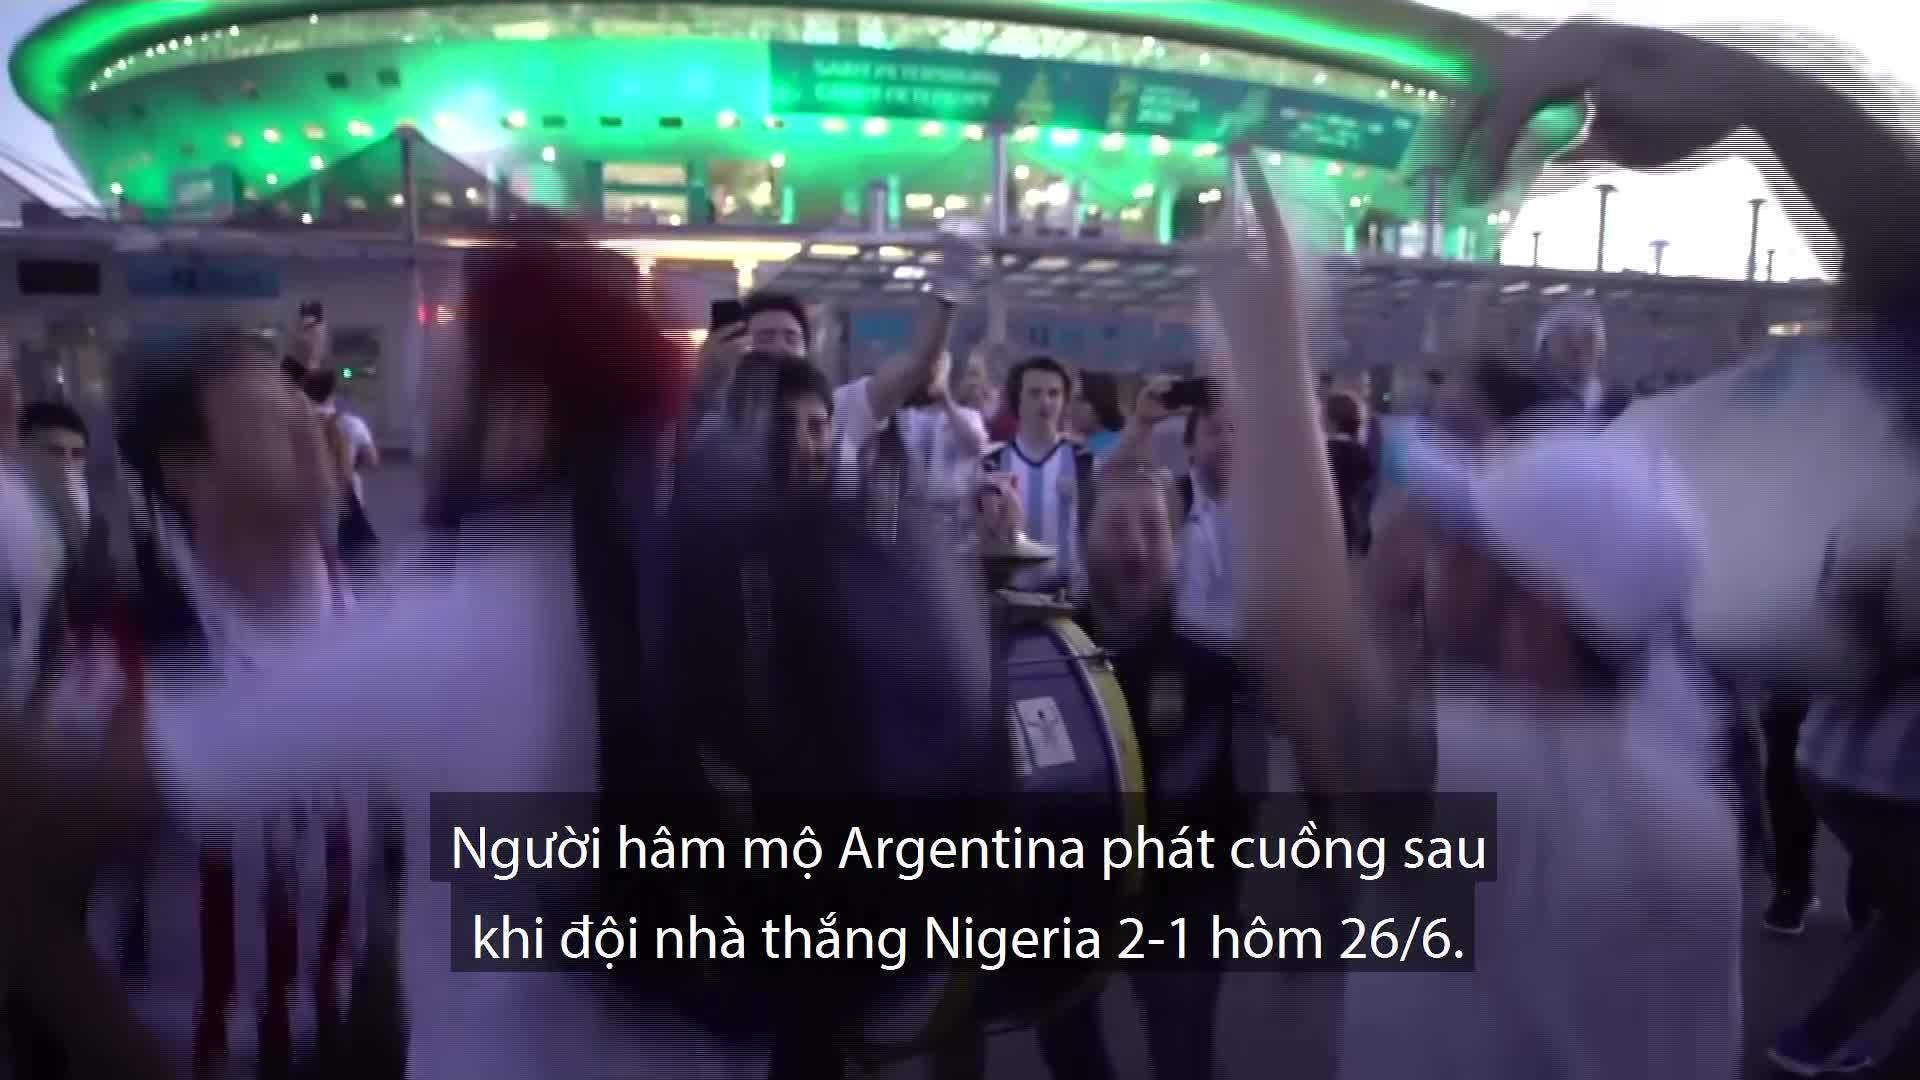 Cảm xúc của người hôm mộ sau trậnNigeria và Argentina